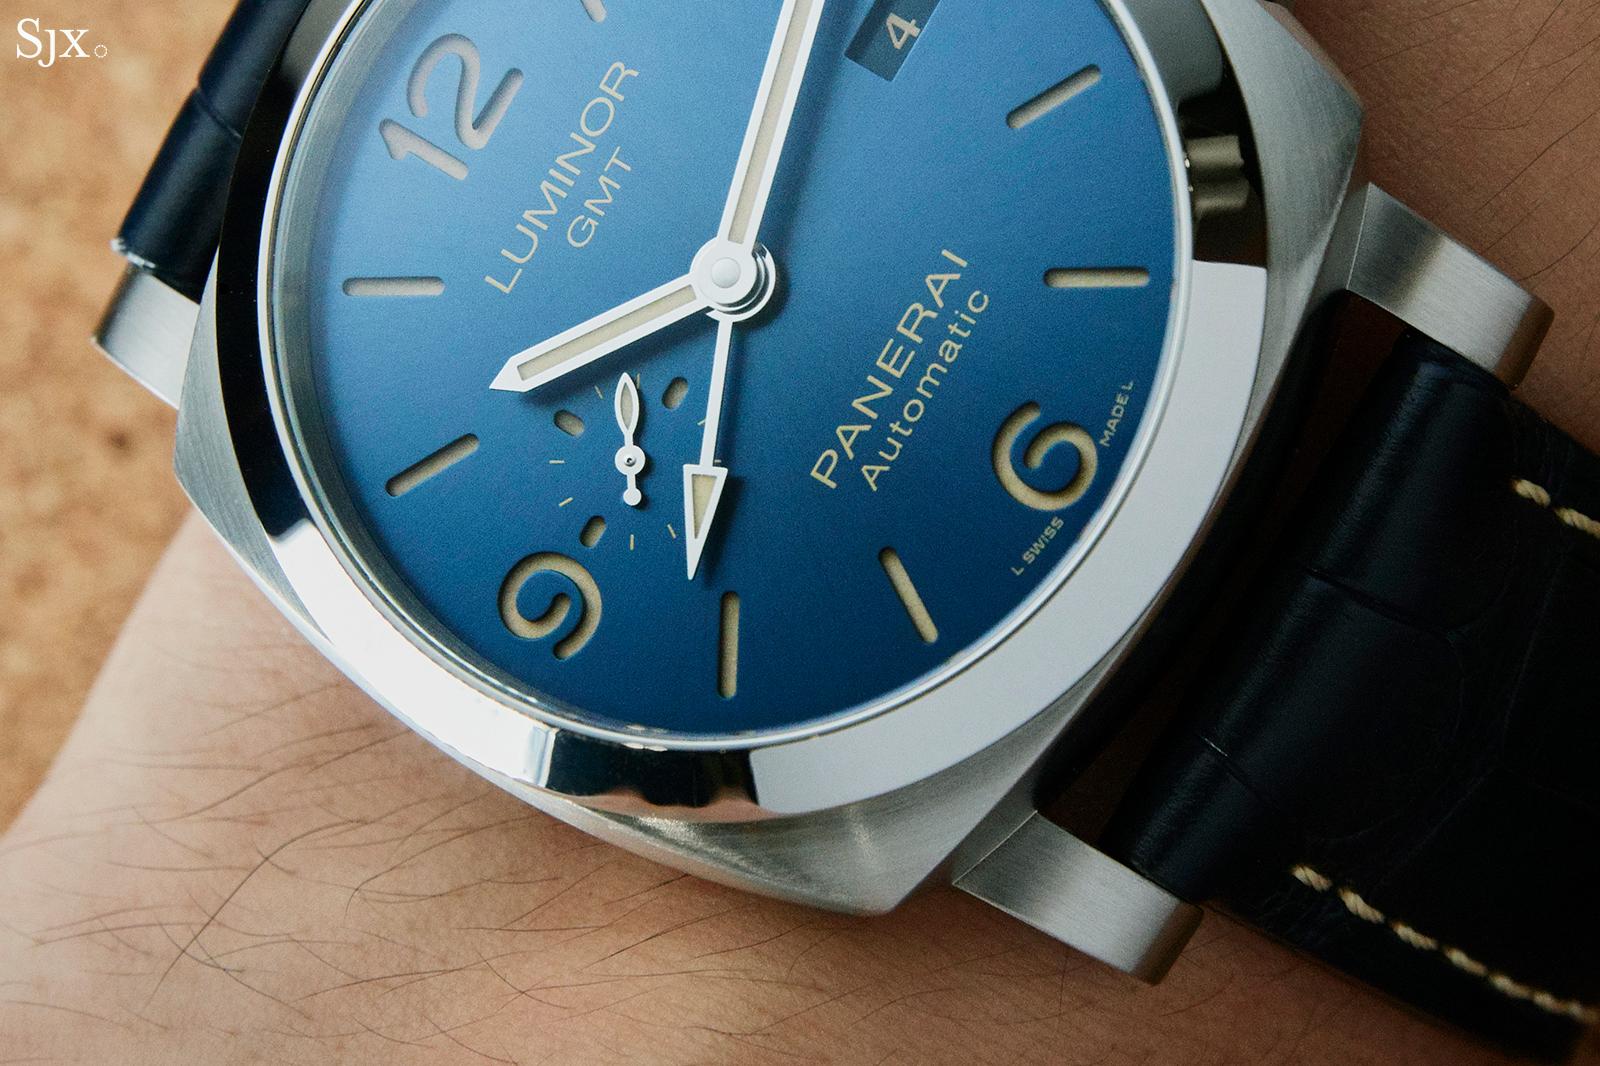 Panerai Luminor GMT PAM1033 on hand